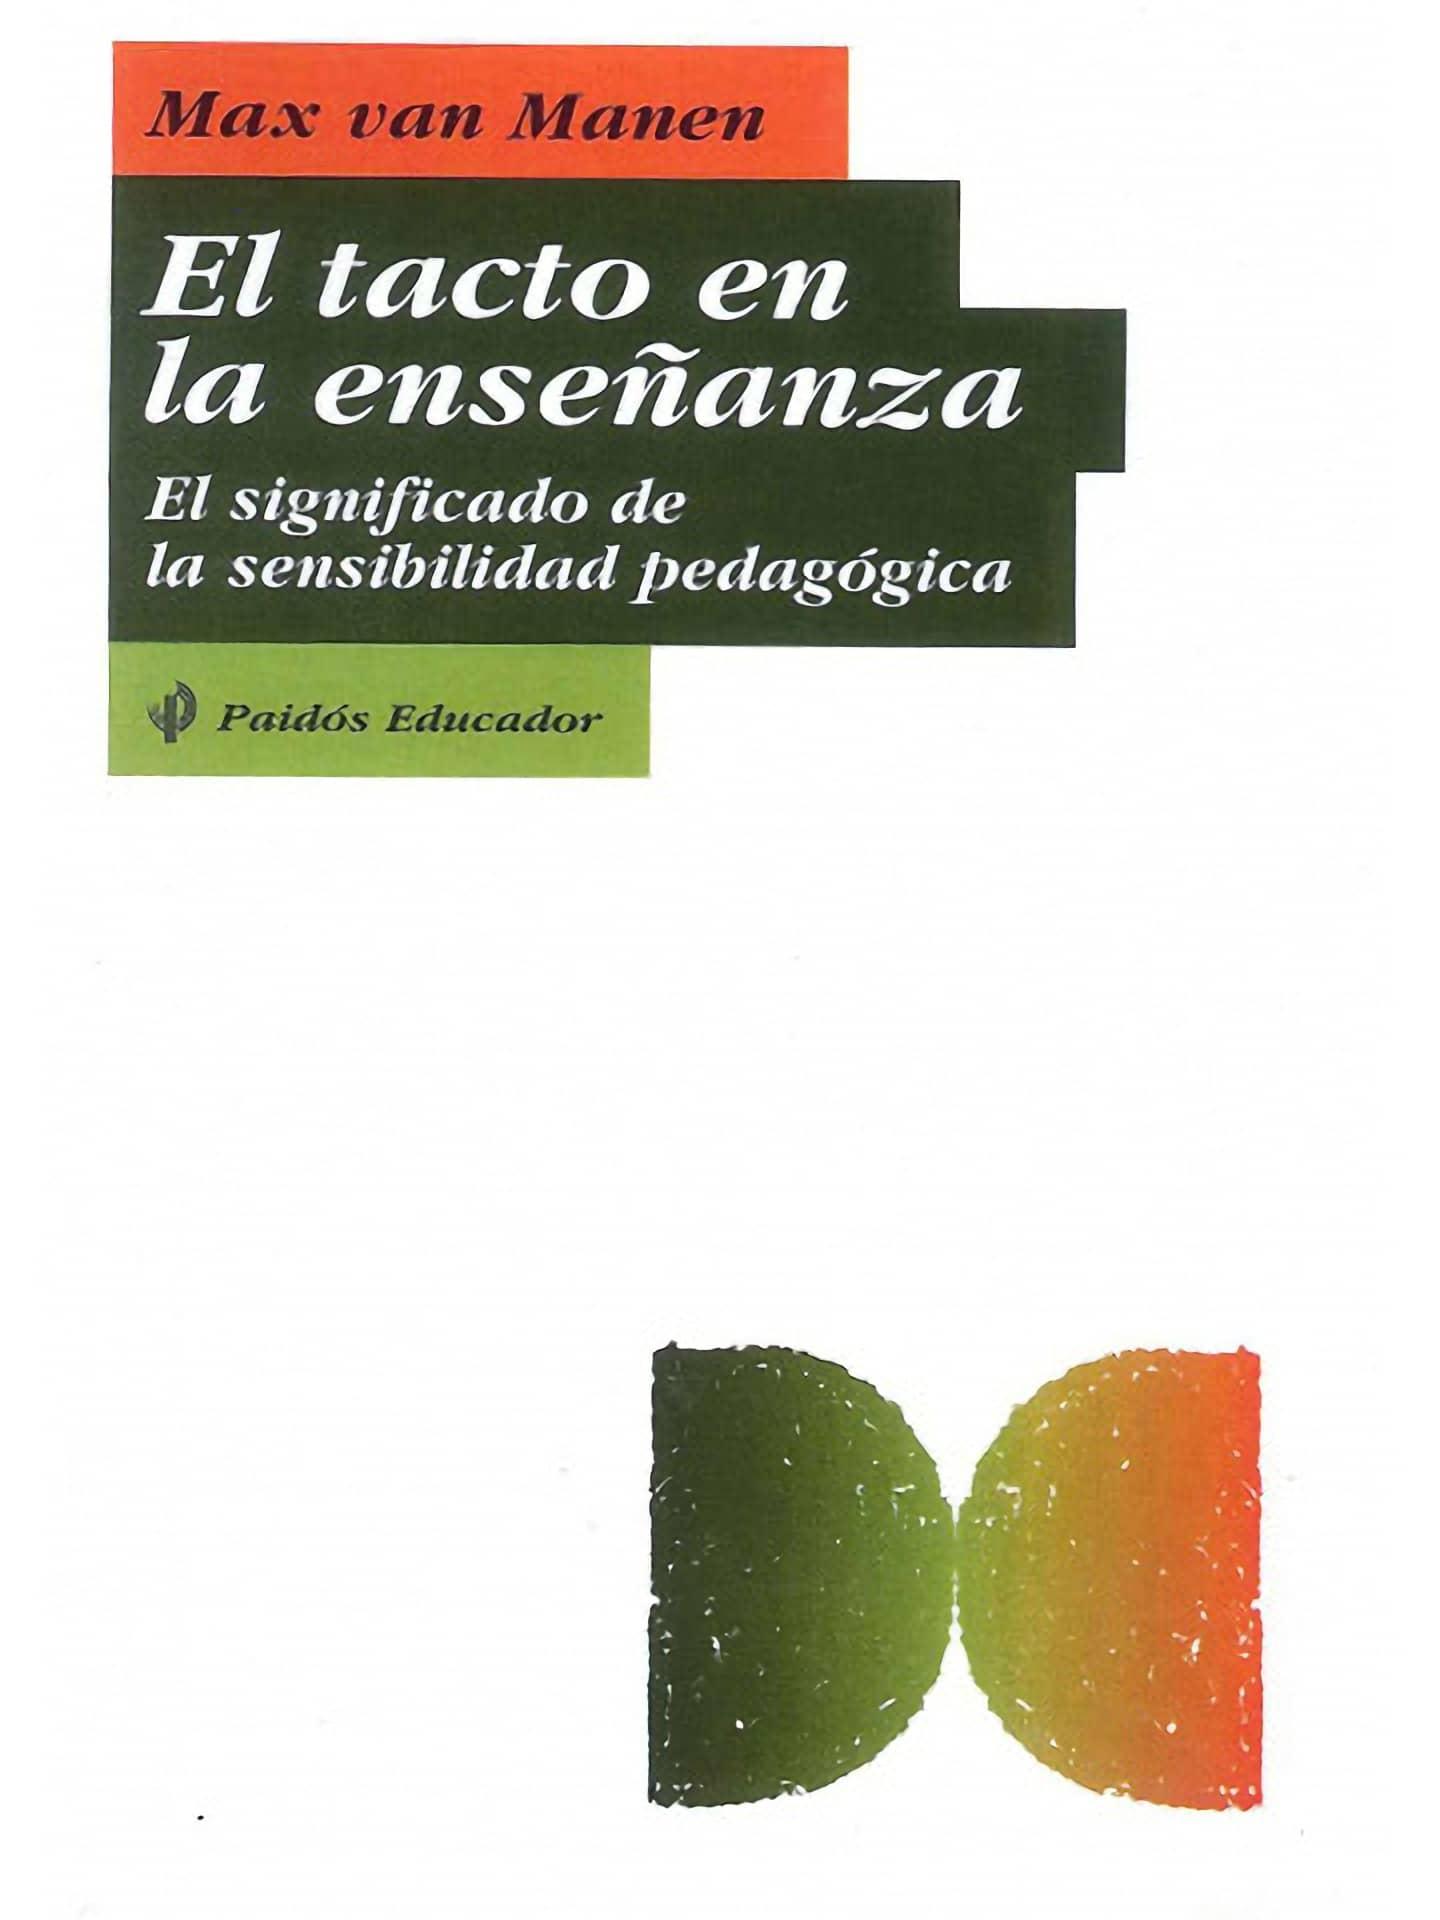 El Tacto de la Enseñanza - El Significado de la Sensibilidad Pedagógica